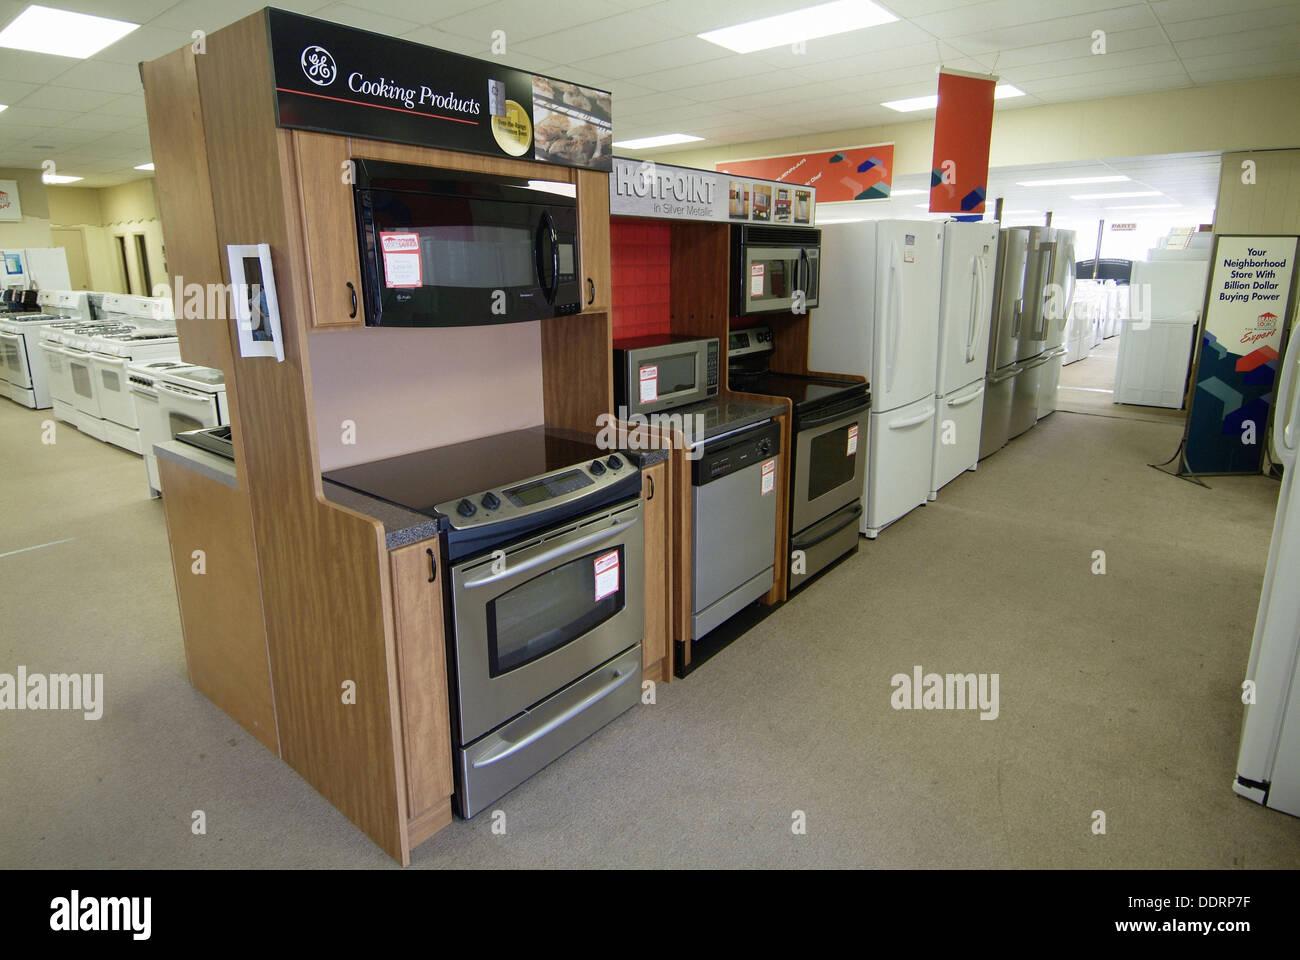 170c435bc Mostrar de nuevo la estufa o gama de aparatos para la venta en la tienda  Imagen